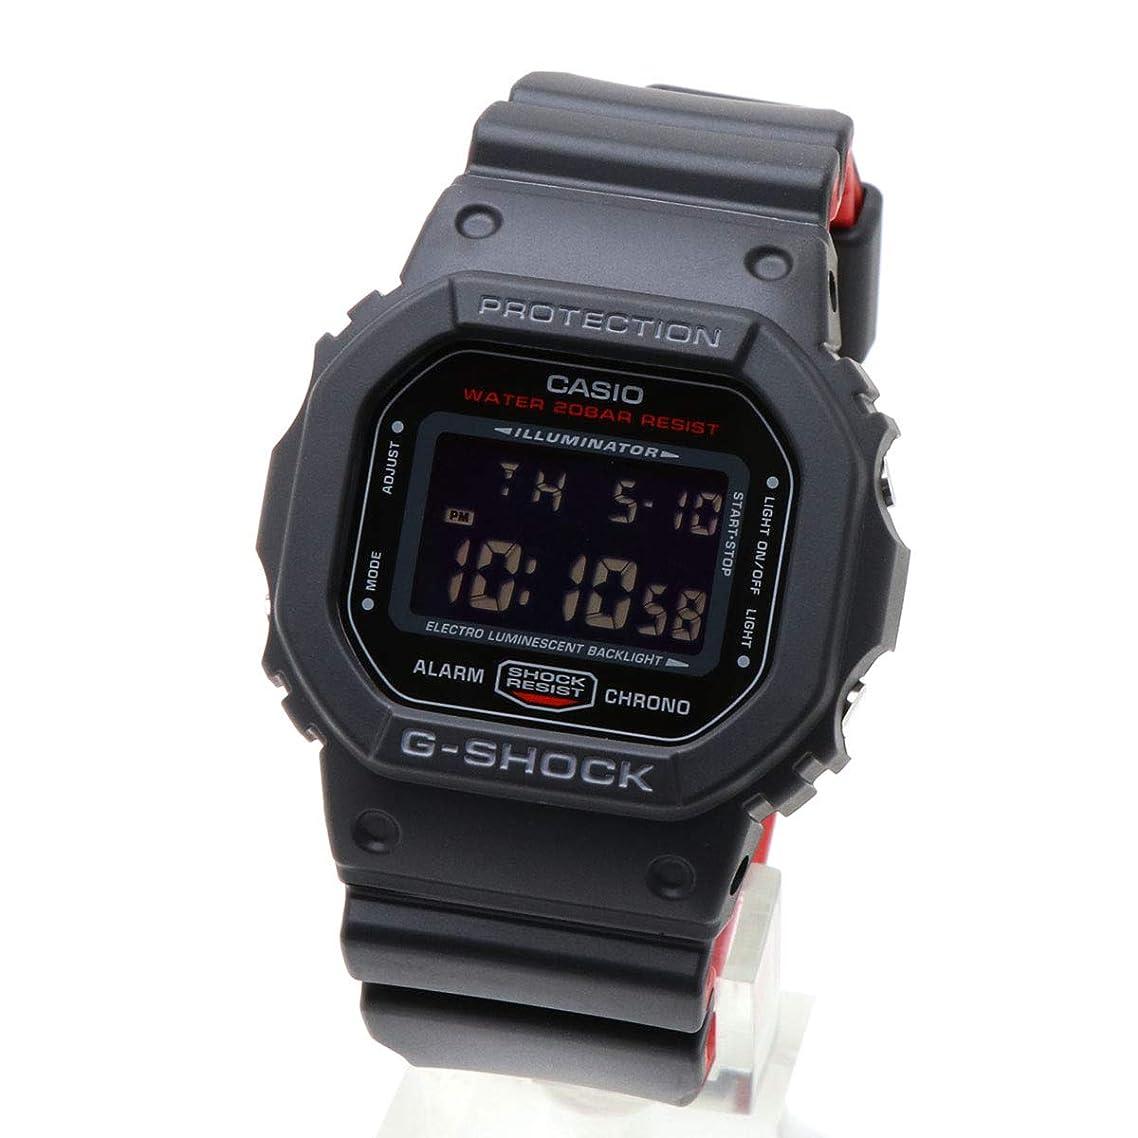 モニター故国遮る新品?二年保証 G-SHOCK ジーショック CASIO カシオ DW-5600HR-1 5600 スピードモデル 黒 赤 スクエア 四角 デジタル ウォッチ 腕時計 ボーイズサイズ オレンジ 同型:DW-5600HR-1JF [並行輸入品]